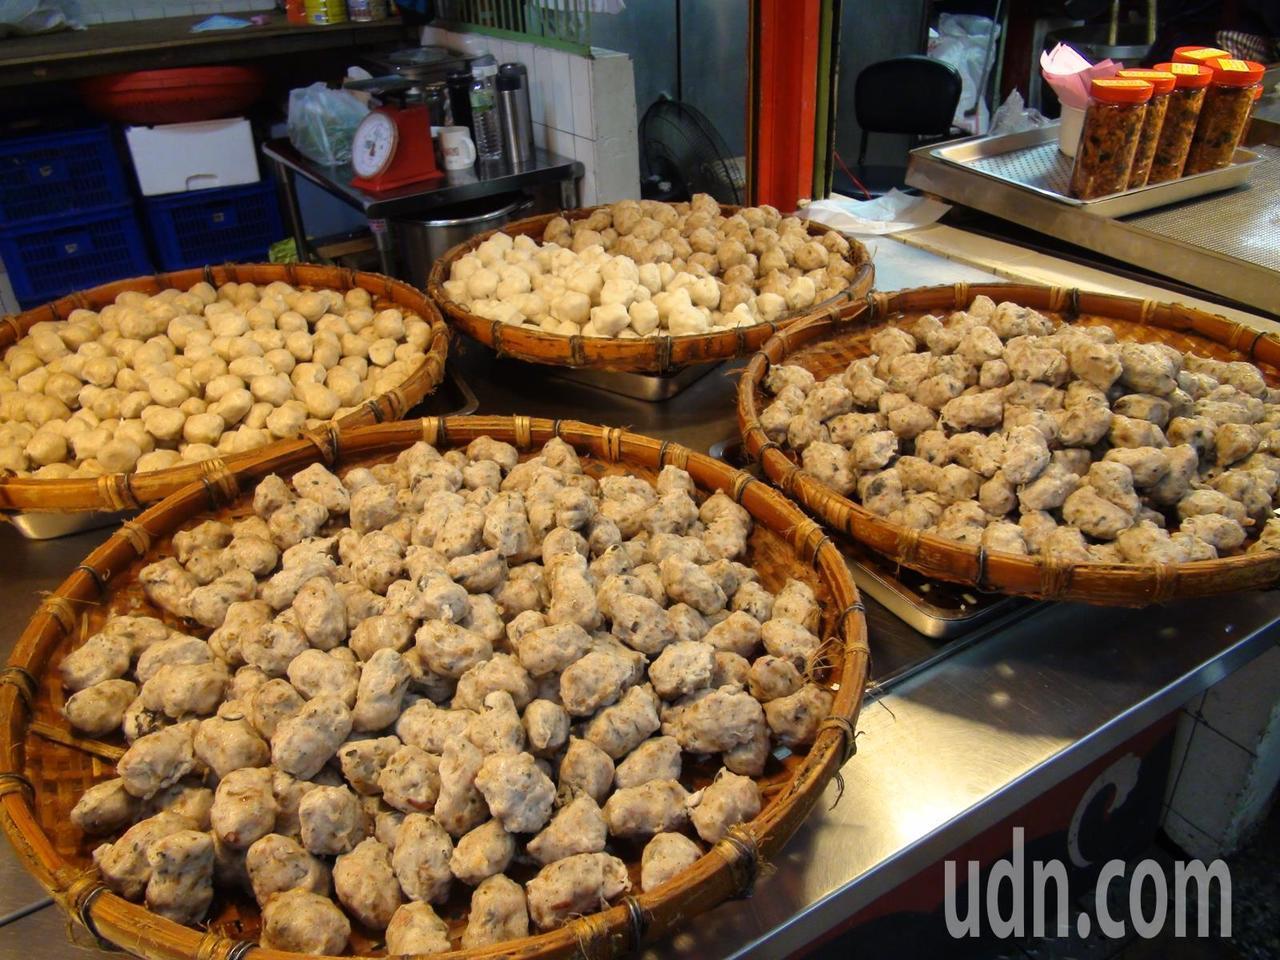 台中第五市場丸東商號,連續10年在母親節前辦「香菇丸買一送一活動」。記者余采瀅/...